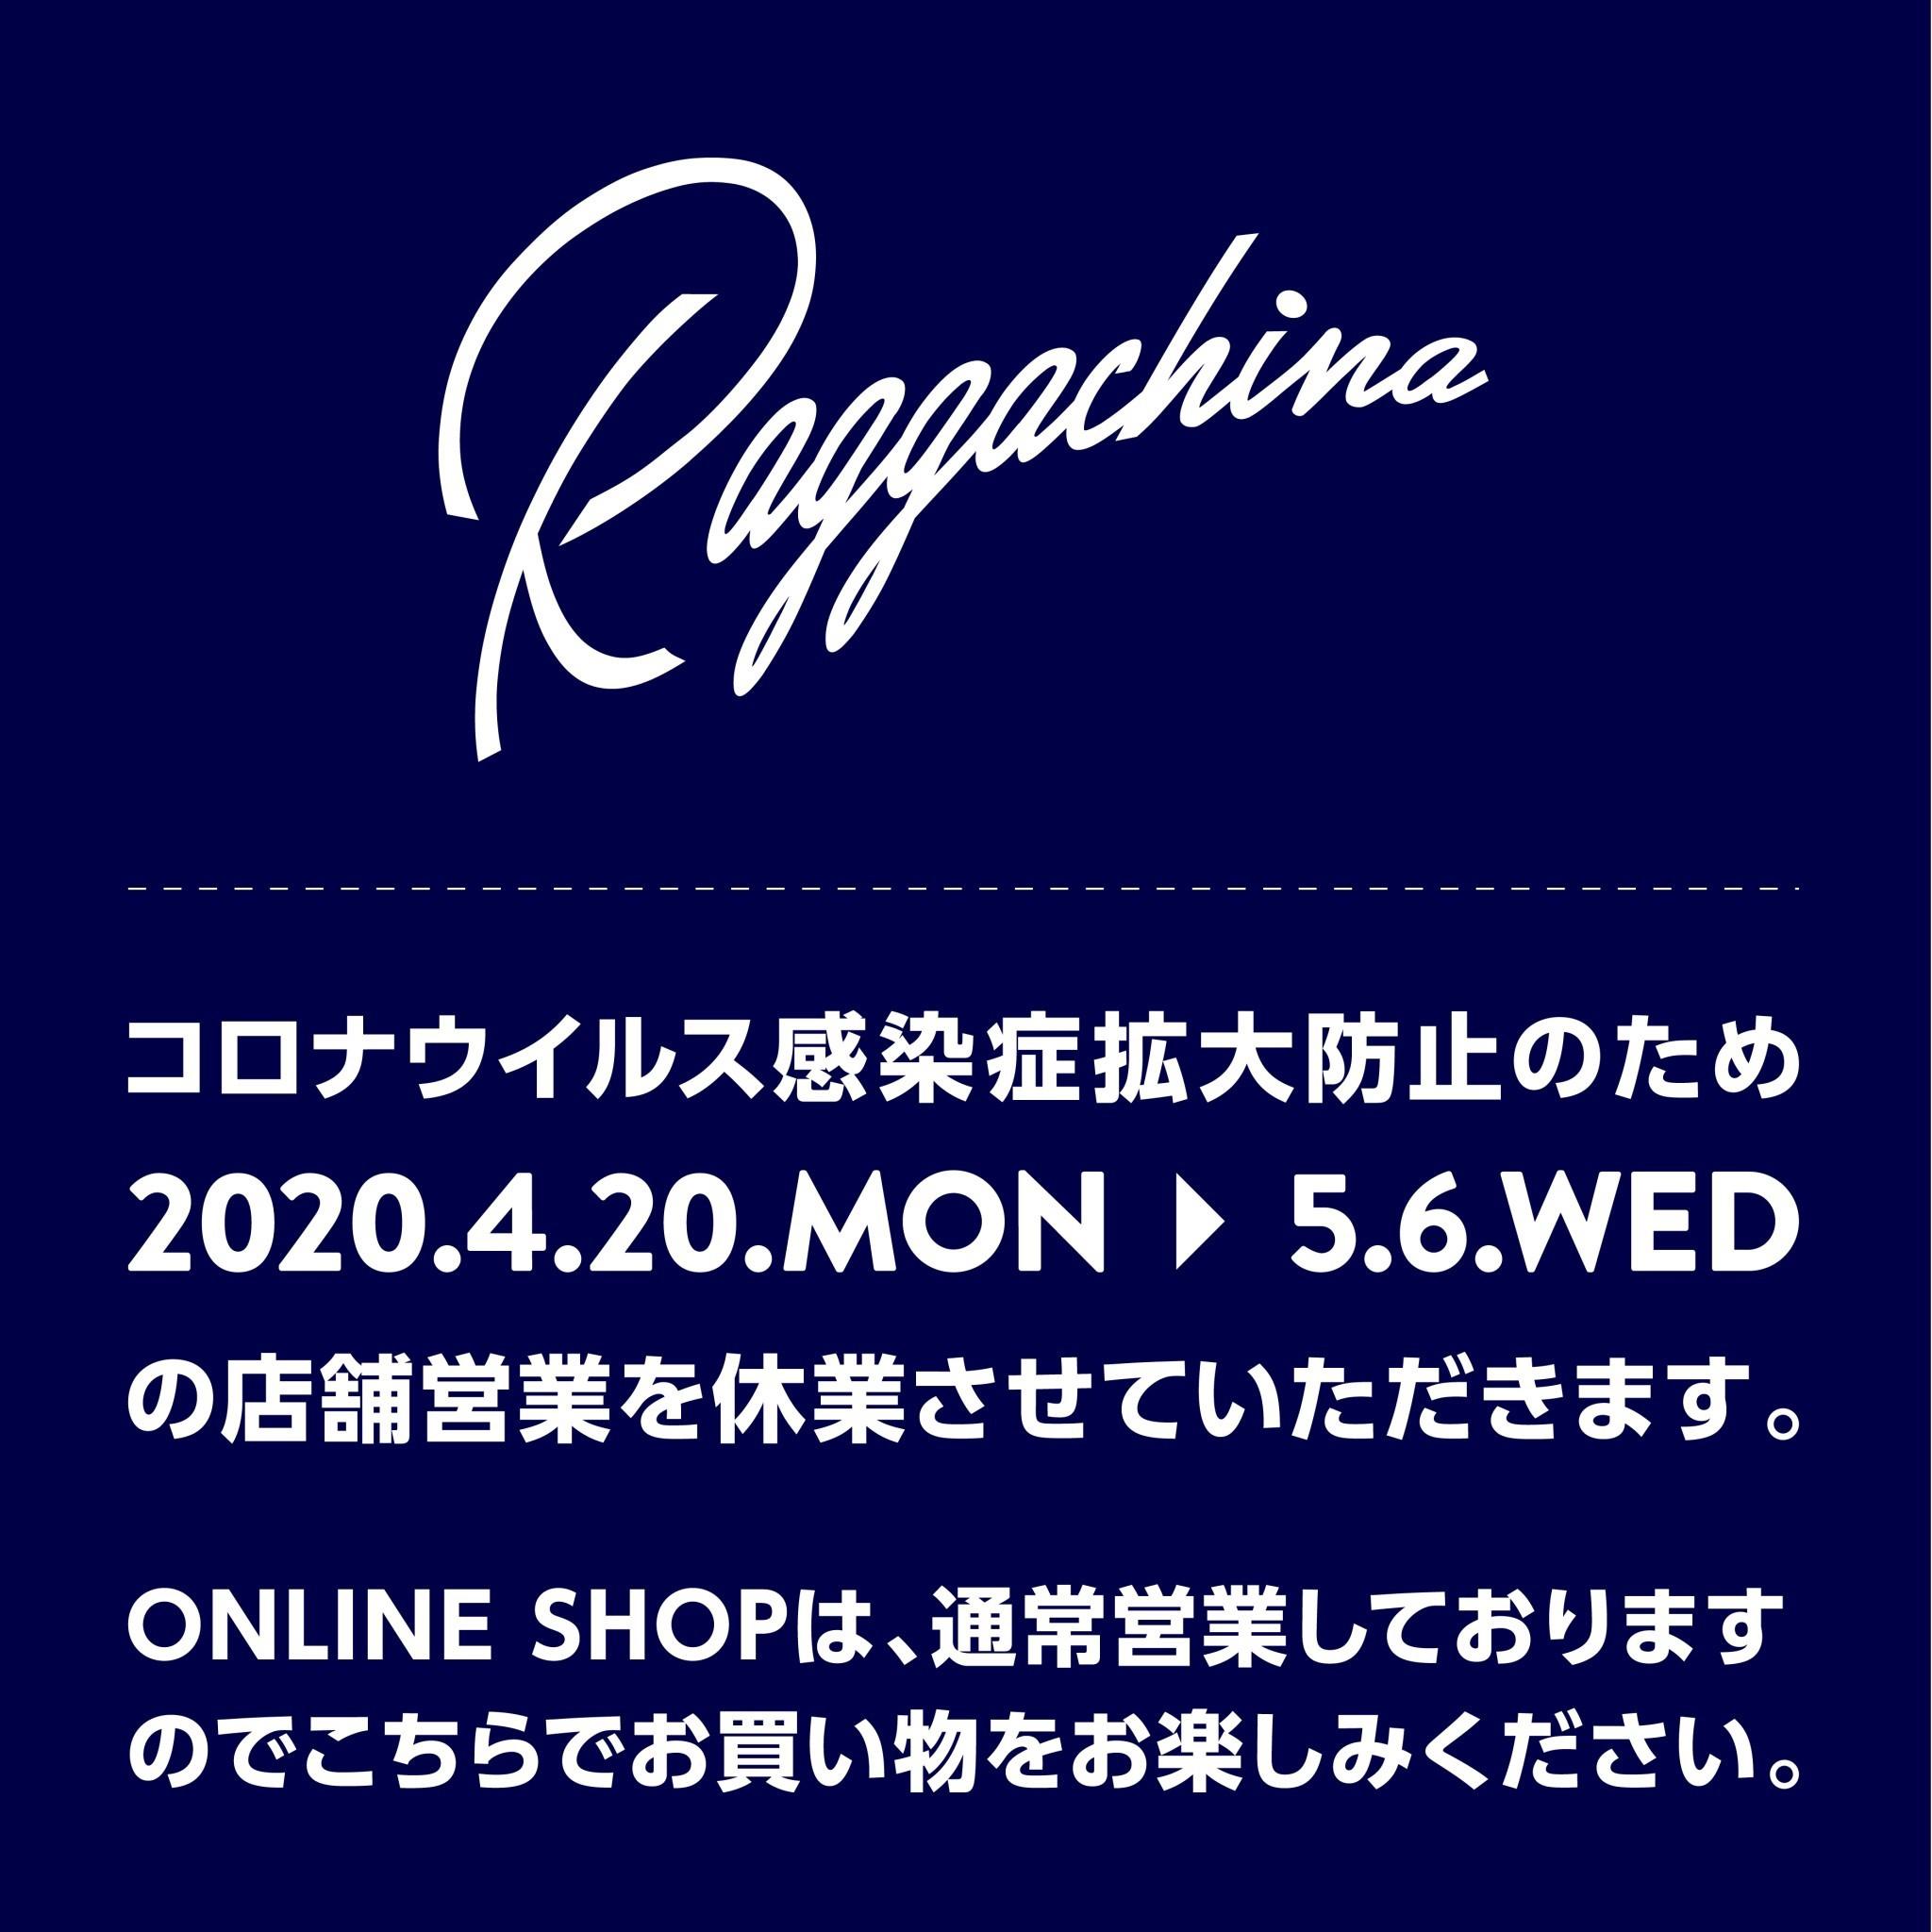 -店舗臨時休業のお知らせ- 4/28更新